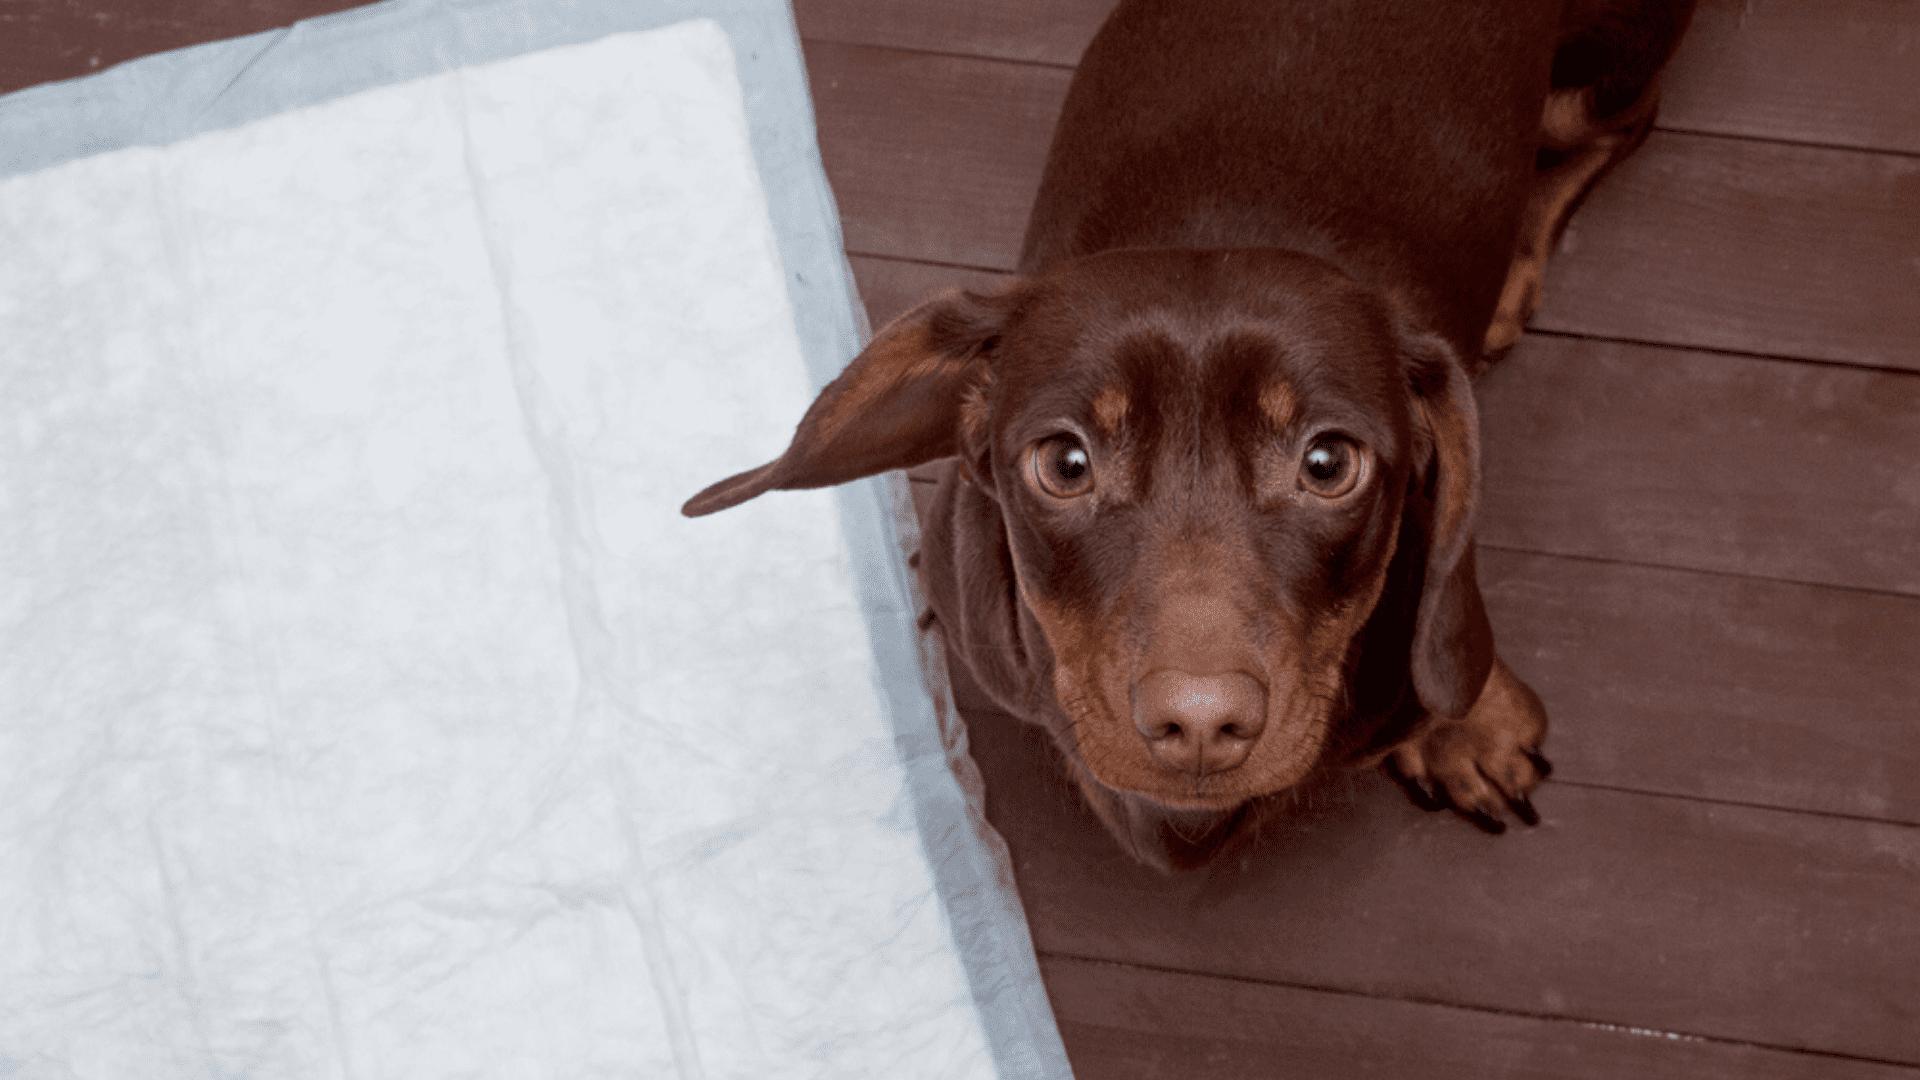 Filhotes e adultos conseguem aprender a usar tapete higiênico para cachorro (Reprodução/Shutterstock)